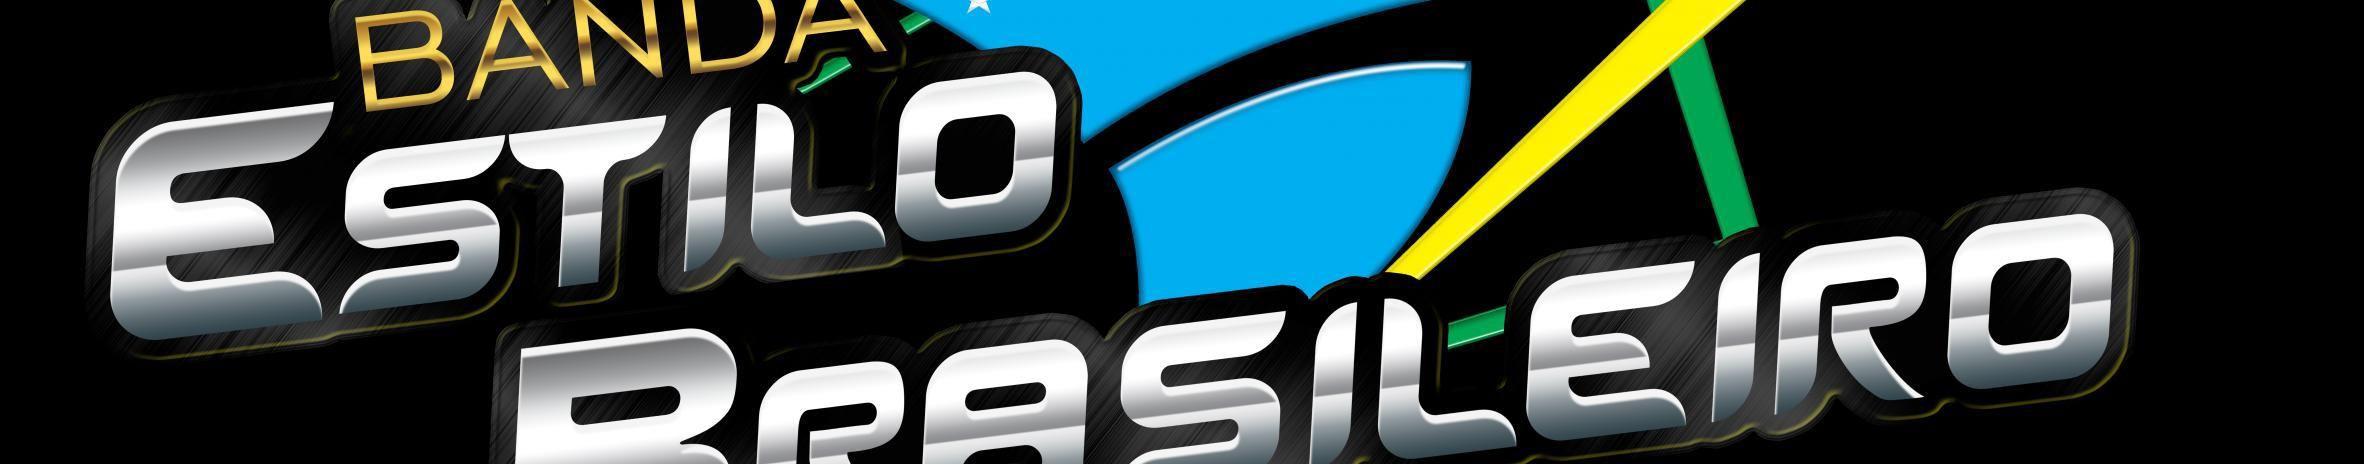 Imagem de capa de Banda Estilo Brasileiro